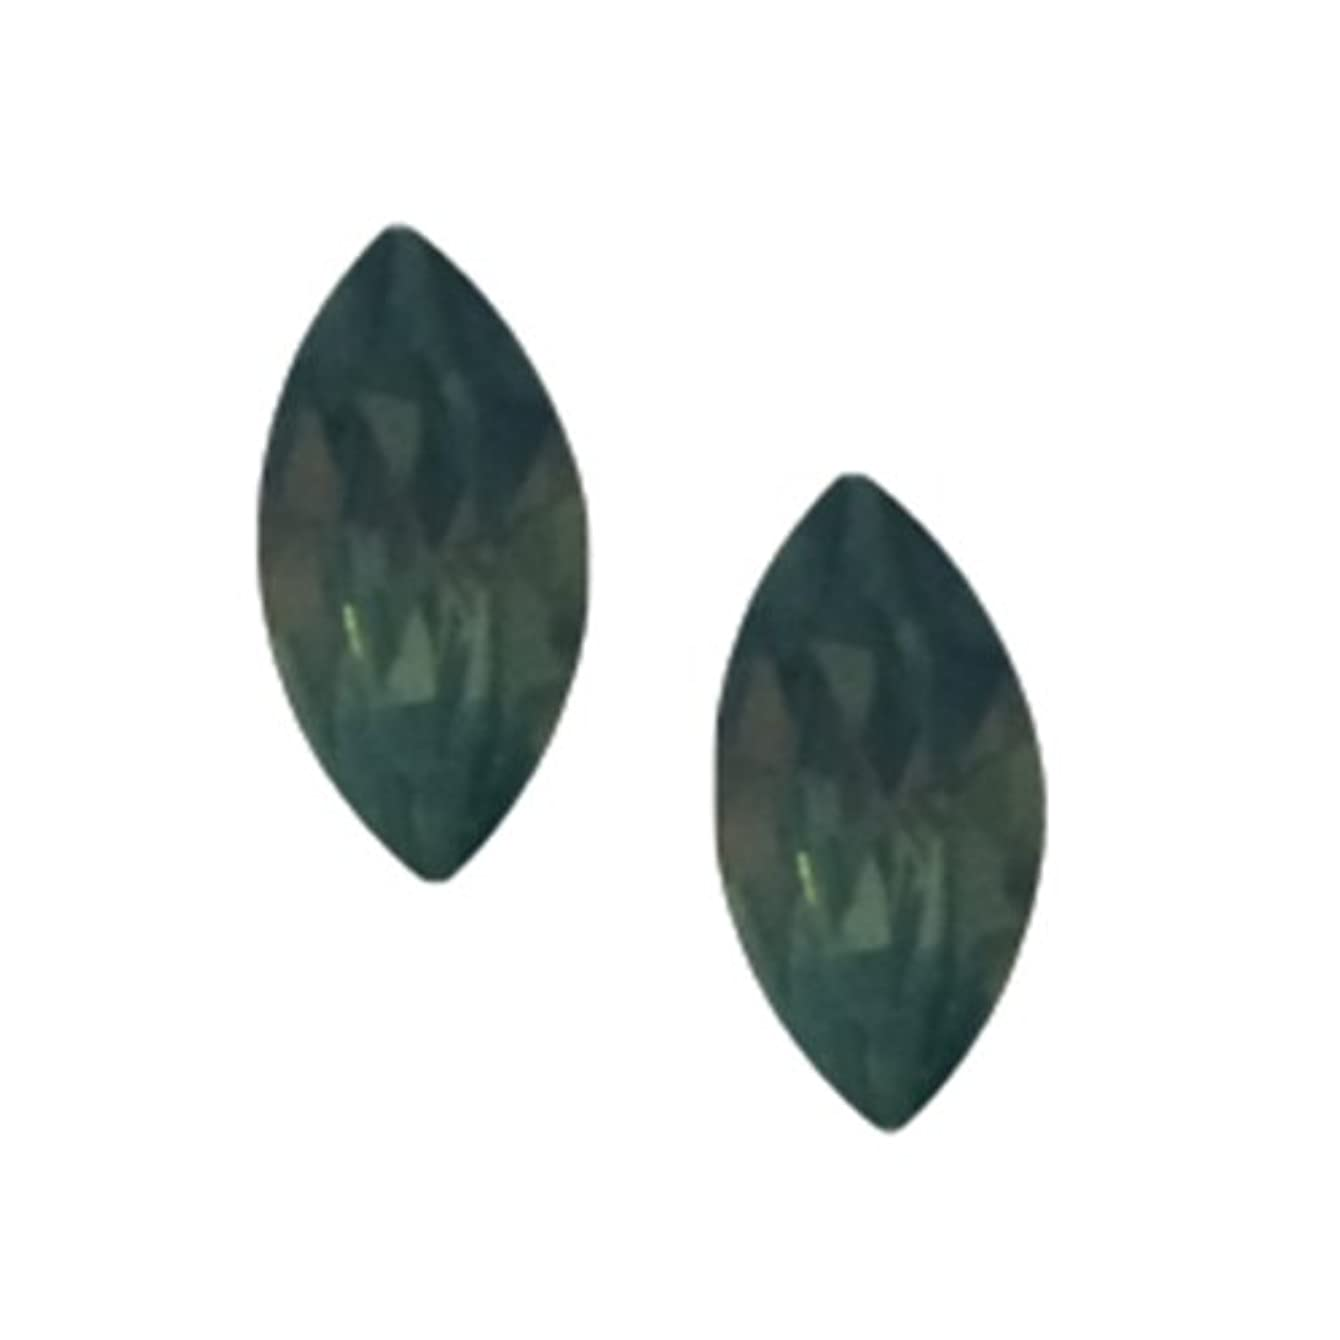 ミス流行している維持POSH ART ネイルパーツ馬眼型 3*6mm 10P グリーンオパール